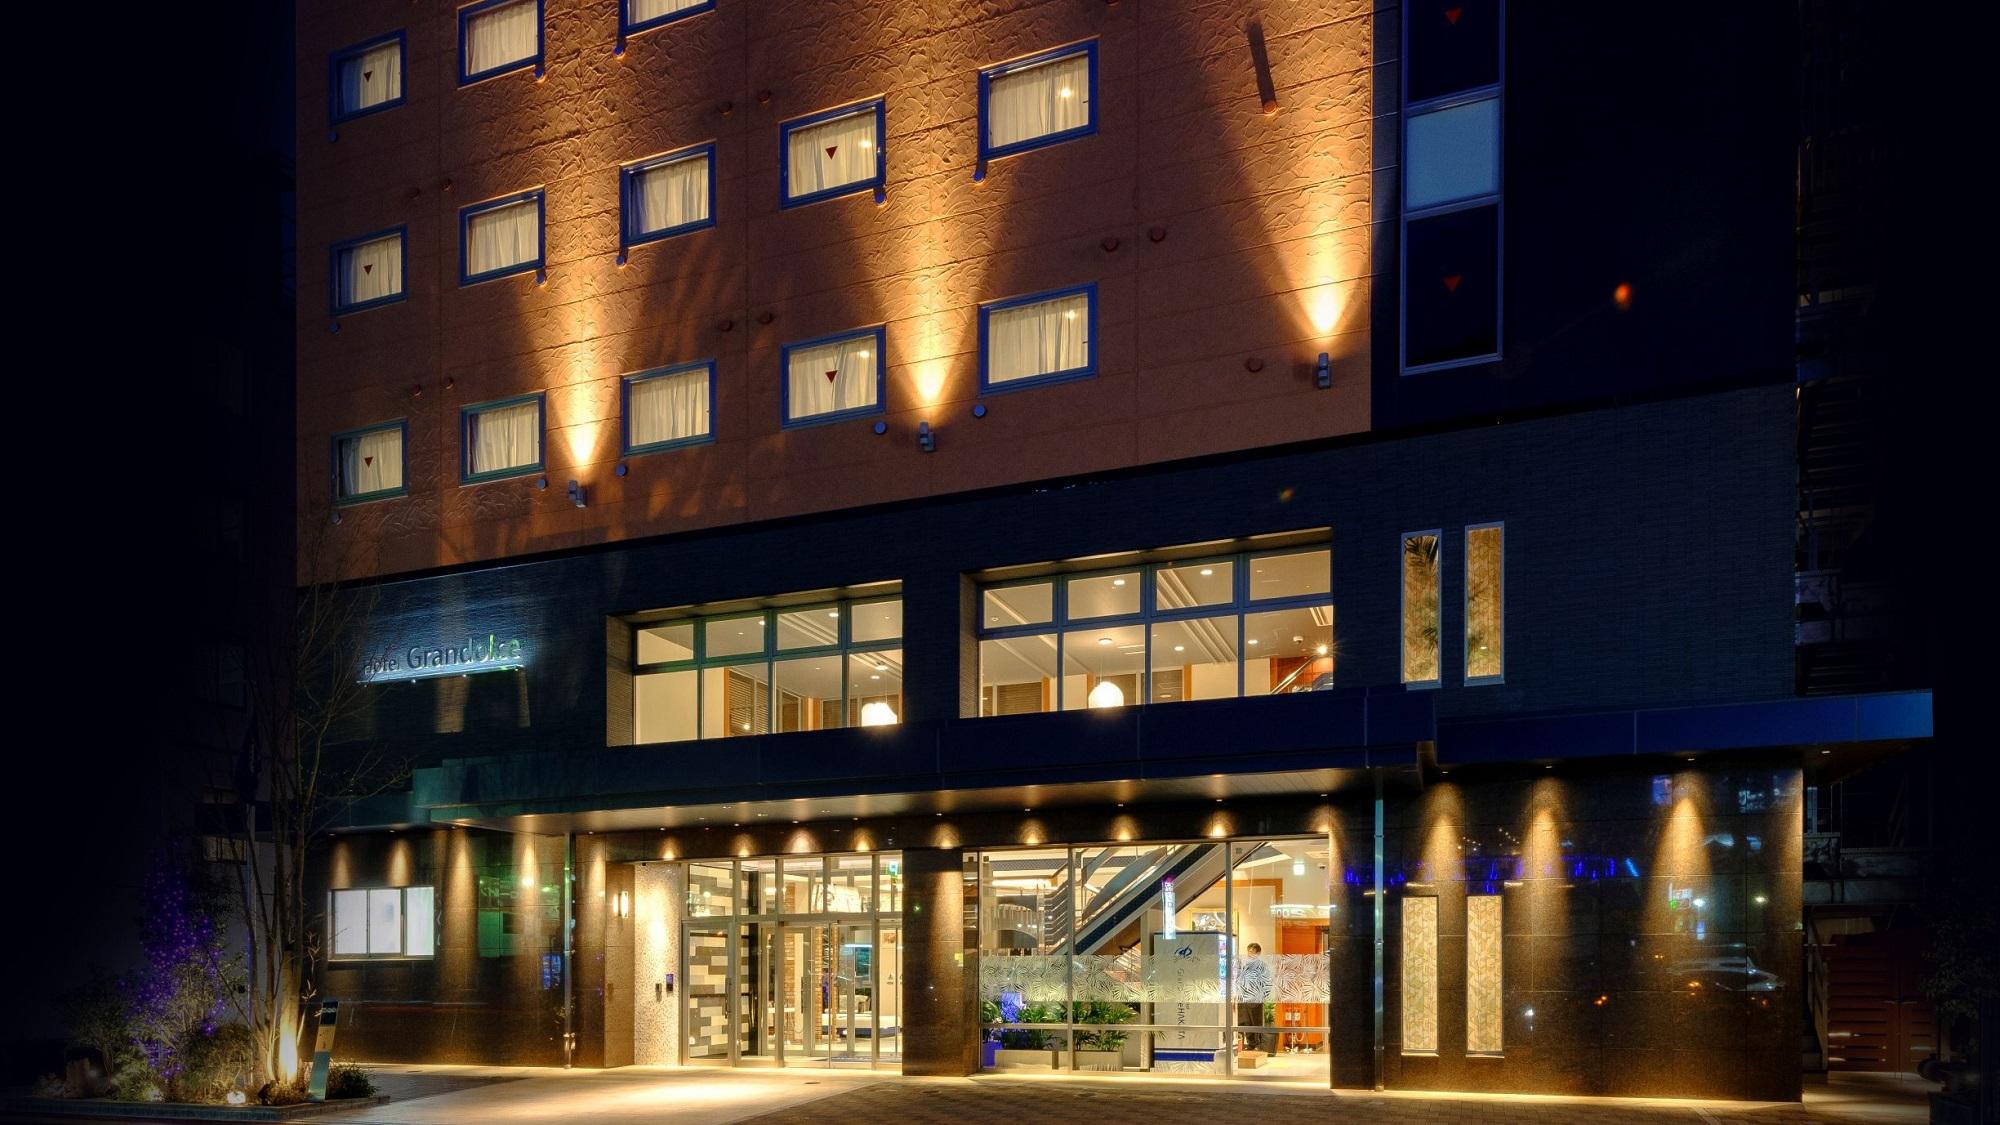 ホテル グランドルチェ博多 image